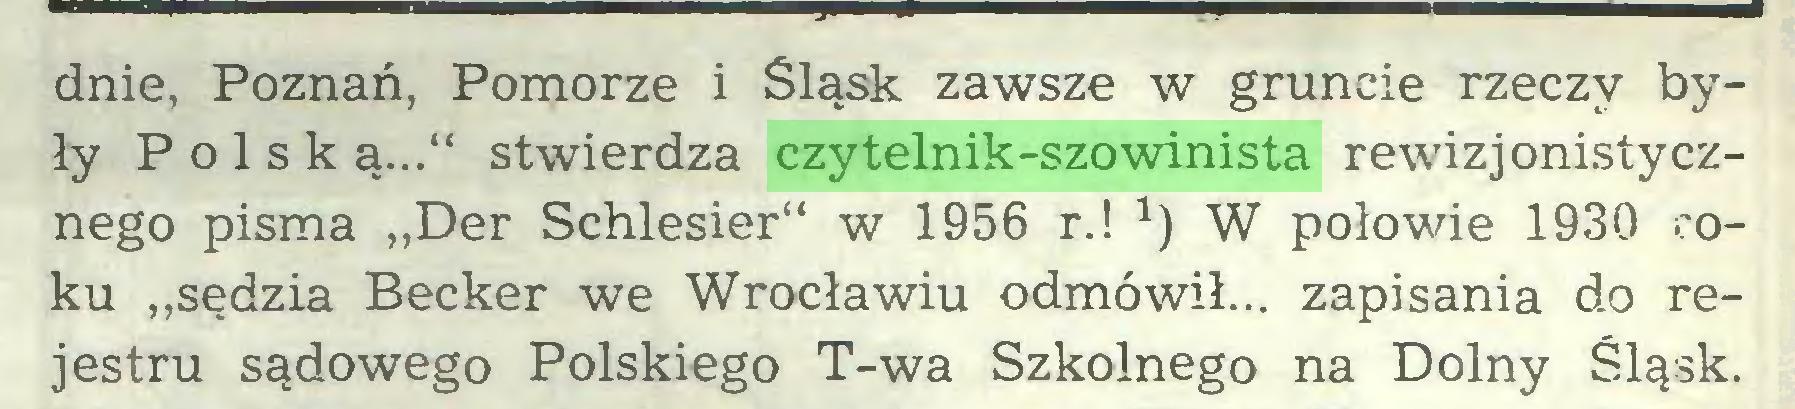 """(...) dnie, Poznań, Pomorze i Śląsk zawsze w gruncie rzeczy były Polską..."""" stwierdza czytelnik-szowinista rewizjonistycznego pisma """"Der Schlesier"""" w 1956 r.! W połowie 1930 roku """"sędzia Becker we Wrocławiu odmówił... zapisania do rejestru sądowego Polskiego T-wa Szkolnego na Dolny Śląsk..."""